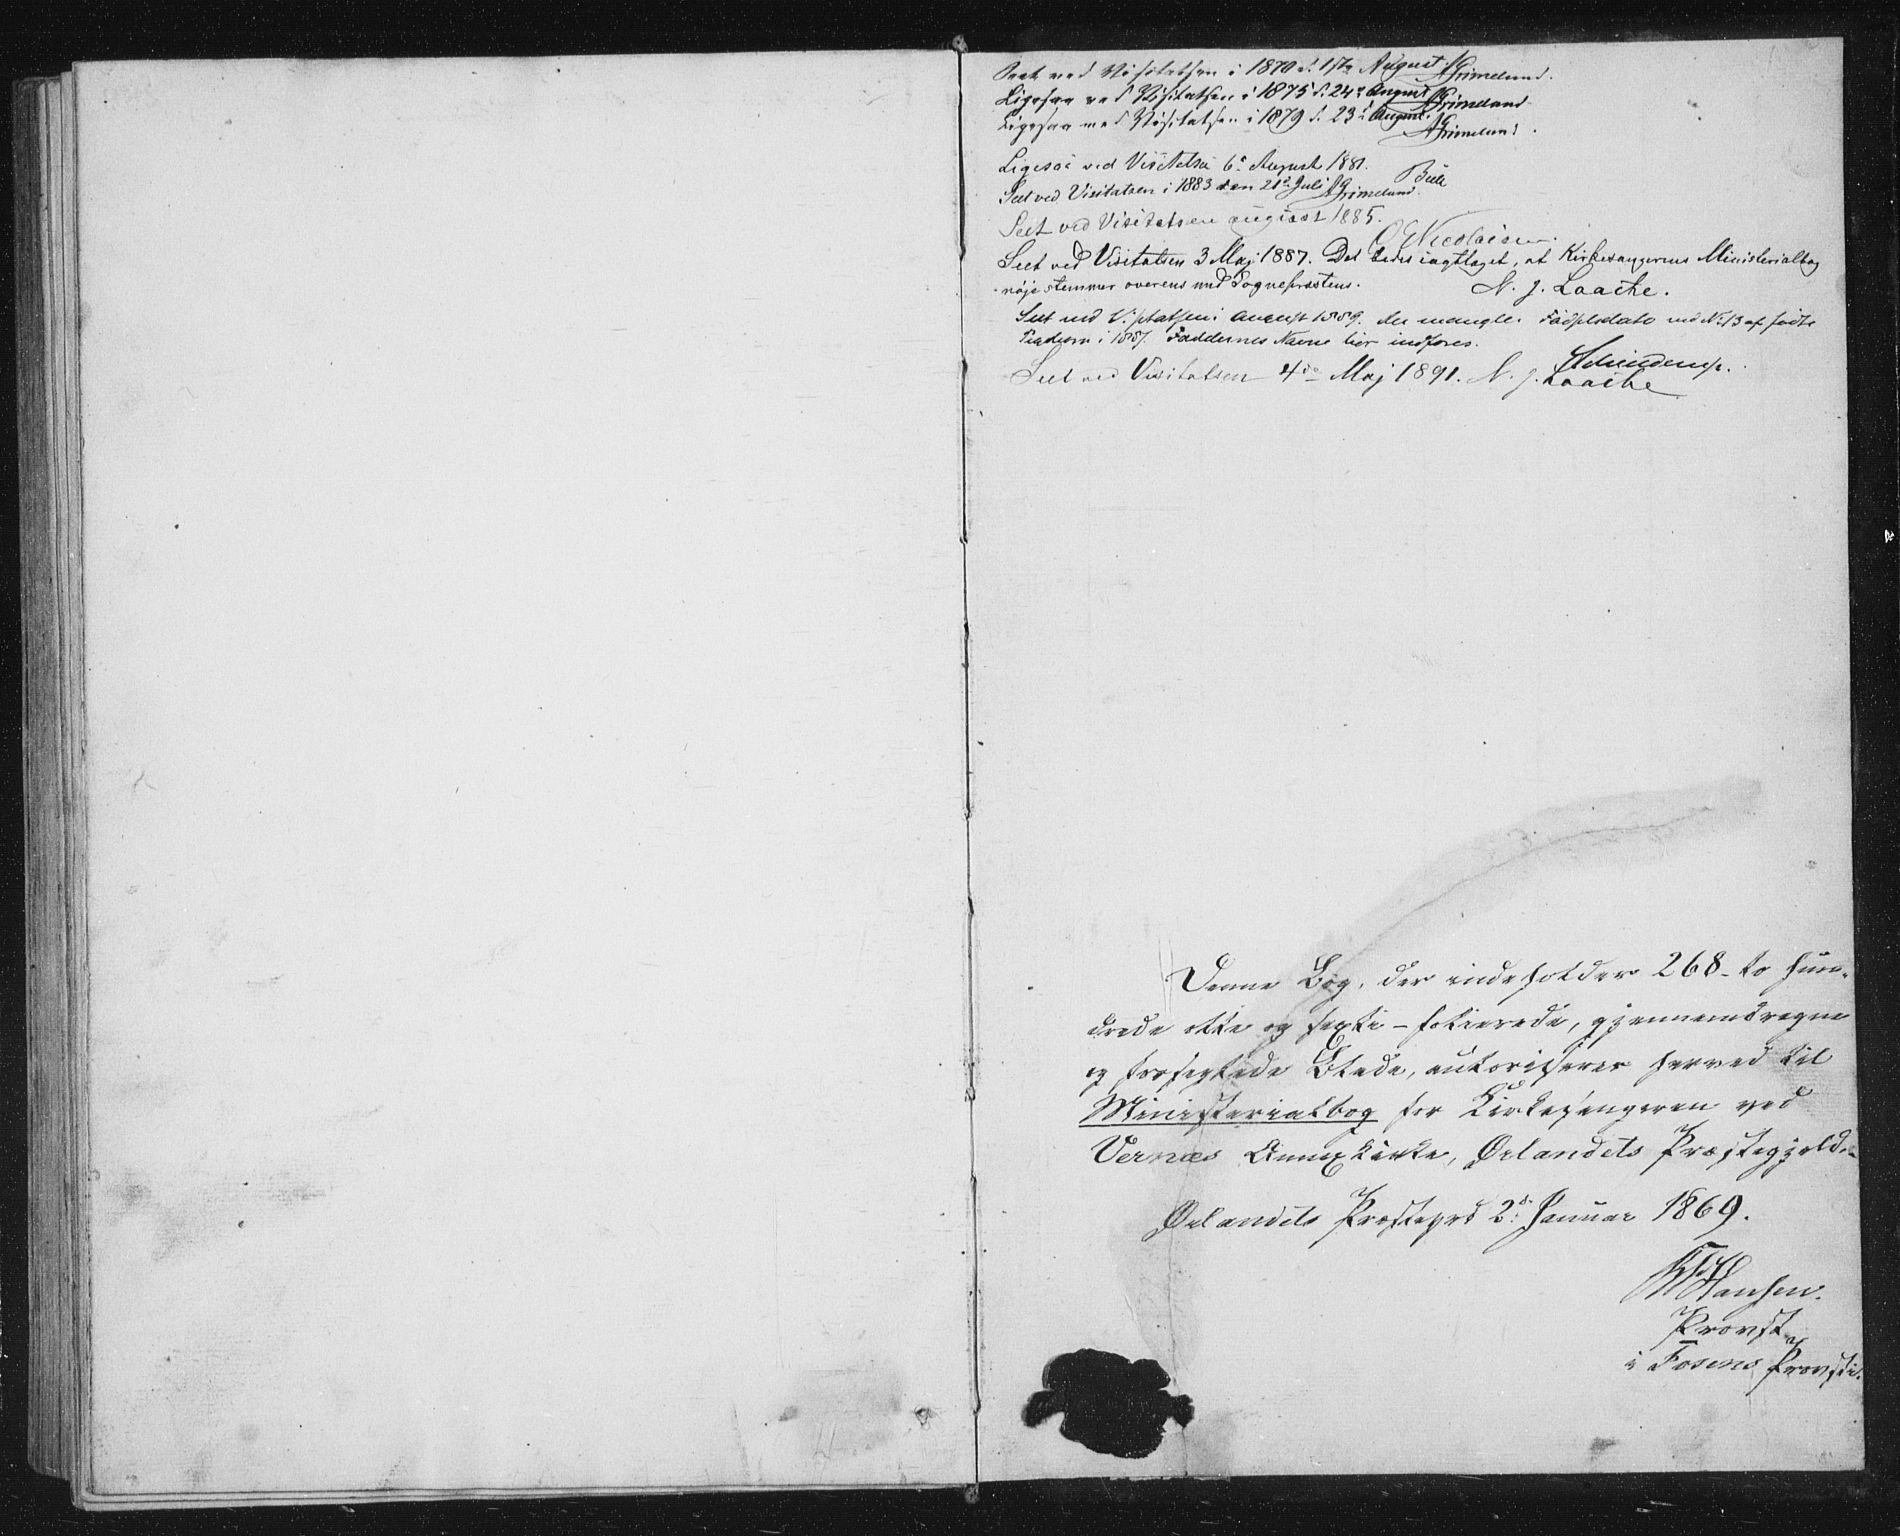 SAT, Ministerialprotokoller, klokkerbøker og fødselsregistre - Sør-Trøndelag, 662/L0756: Klokkerbok nr. 662C01, 1869-1891